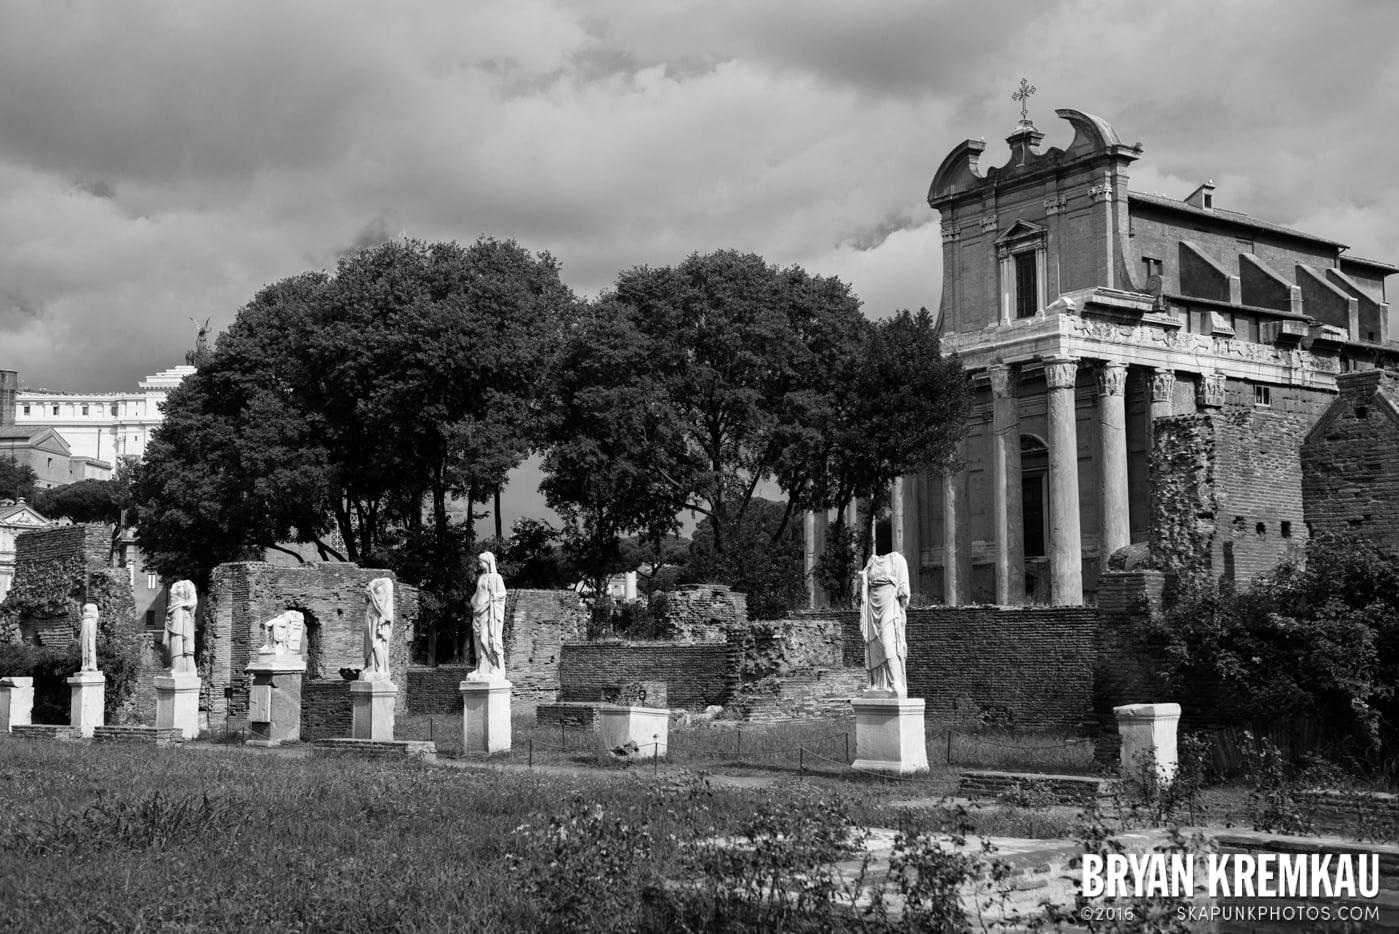 Italy Vacation - Day 2: Rome - 9.10.13 (99)